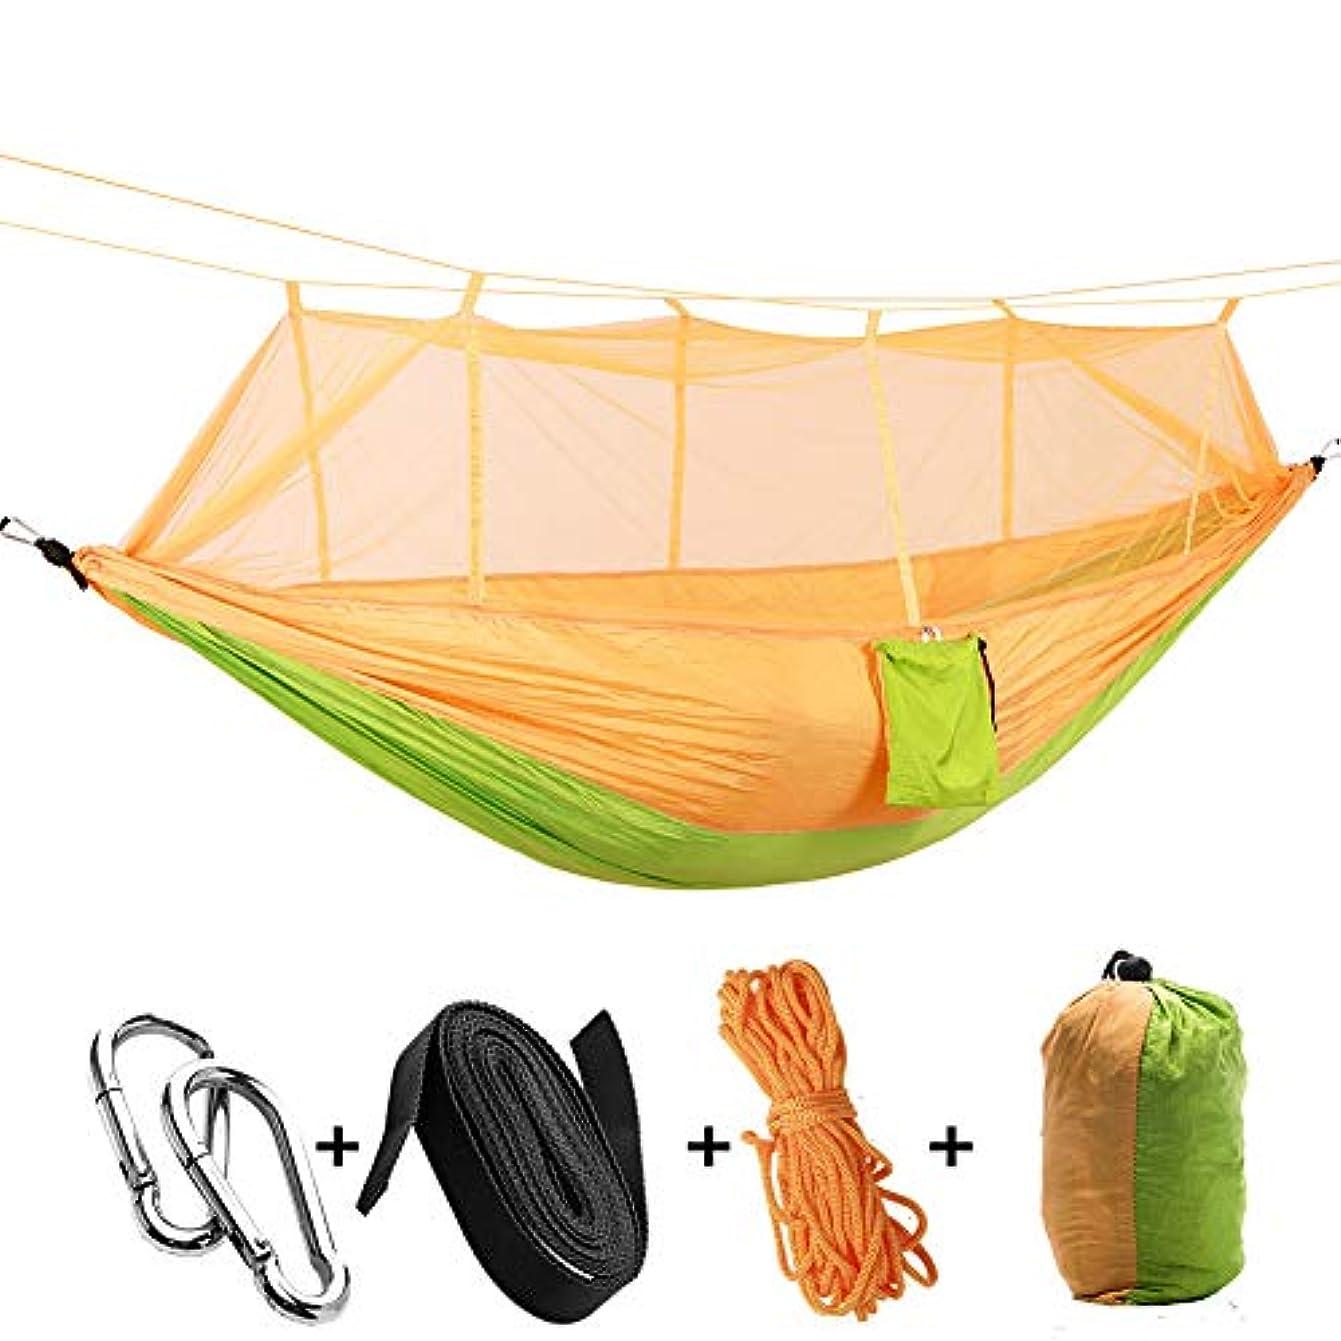 容器成果廃止するポータブル パラシュート ハンモック, 蚊帳が付いているハンモック, キャンバス旅行キャンプのハンモック, 最大容量 550IBS 軽量ハンモック